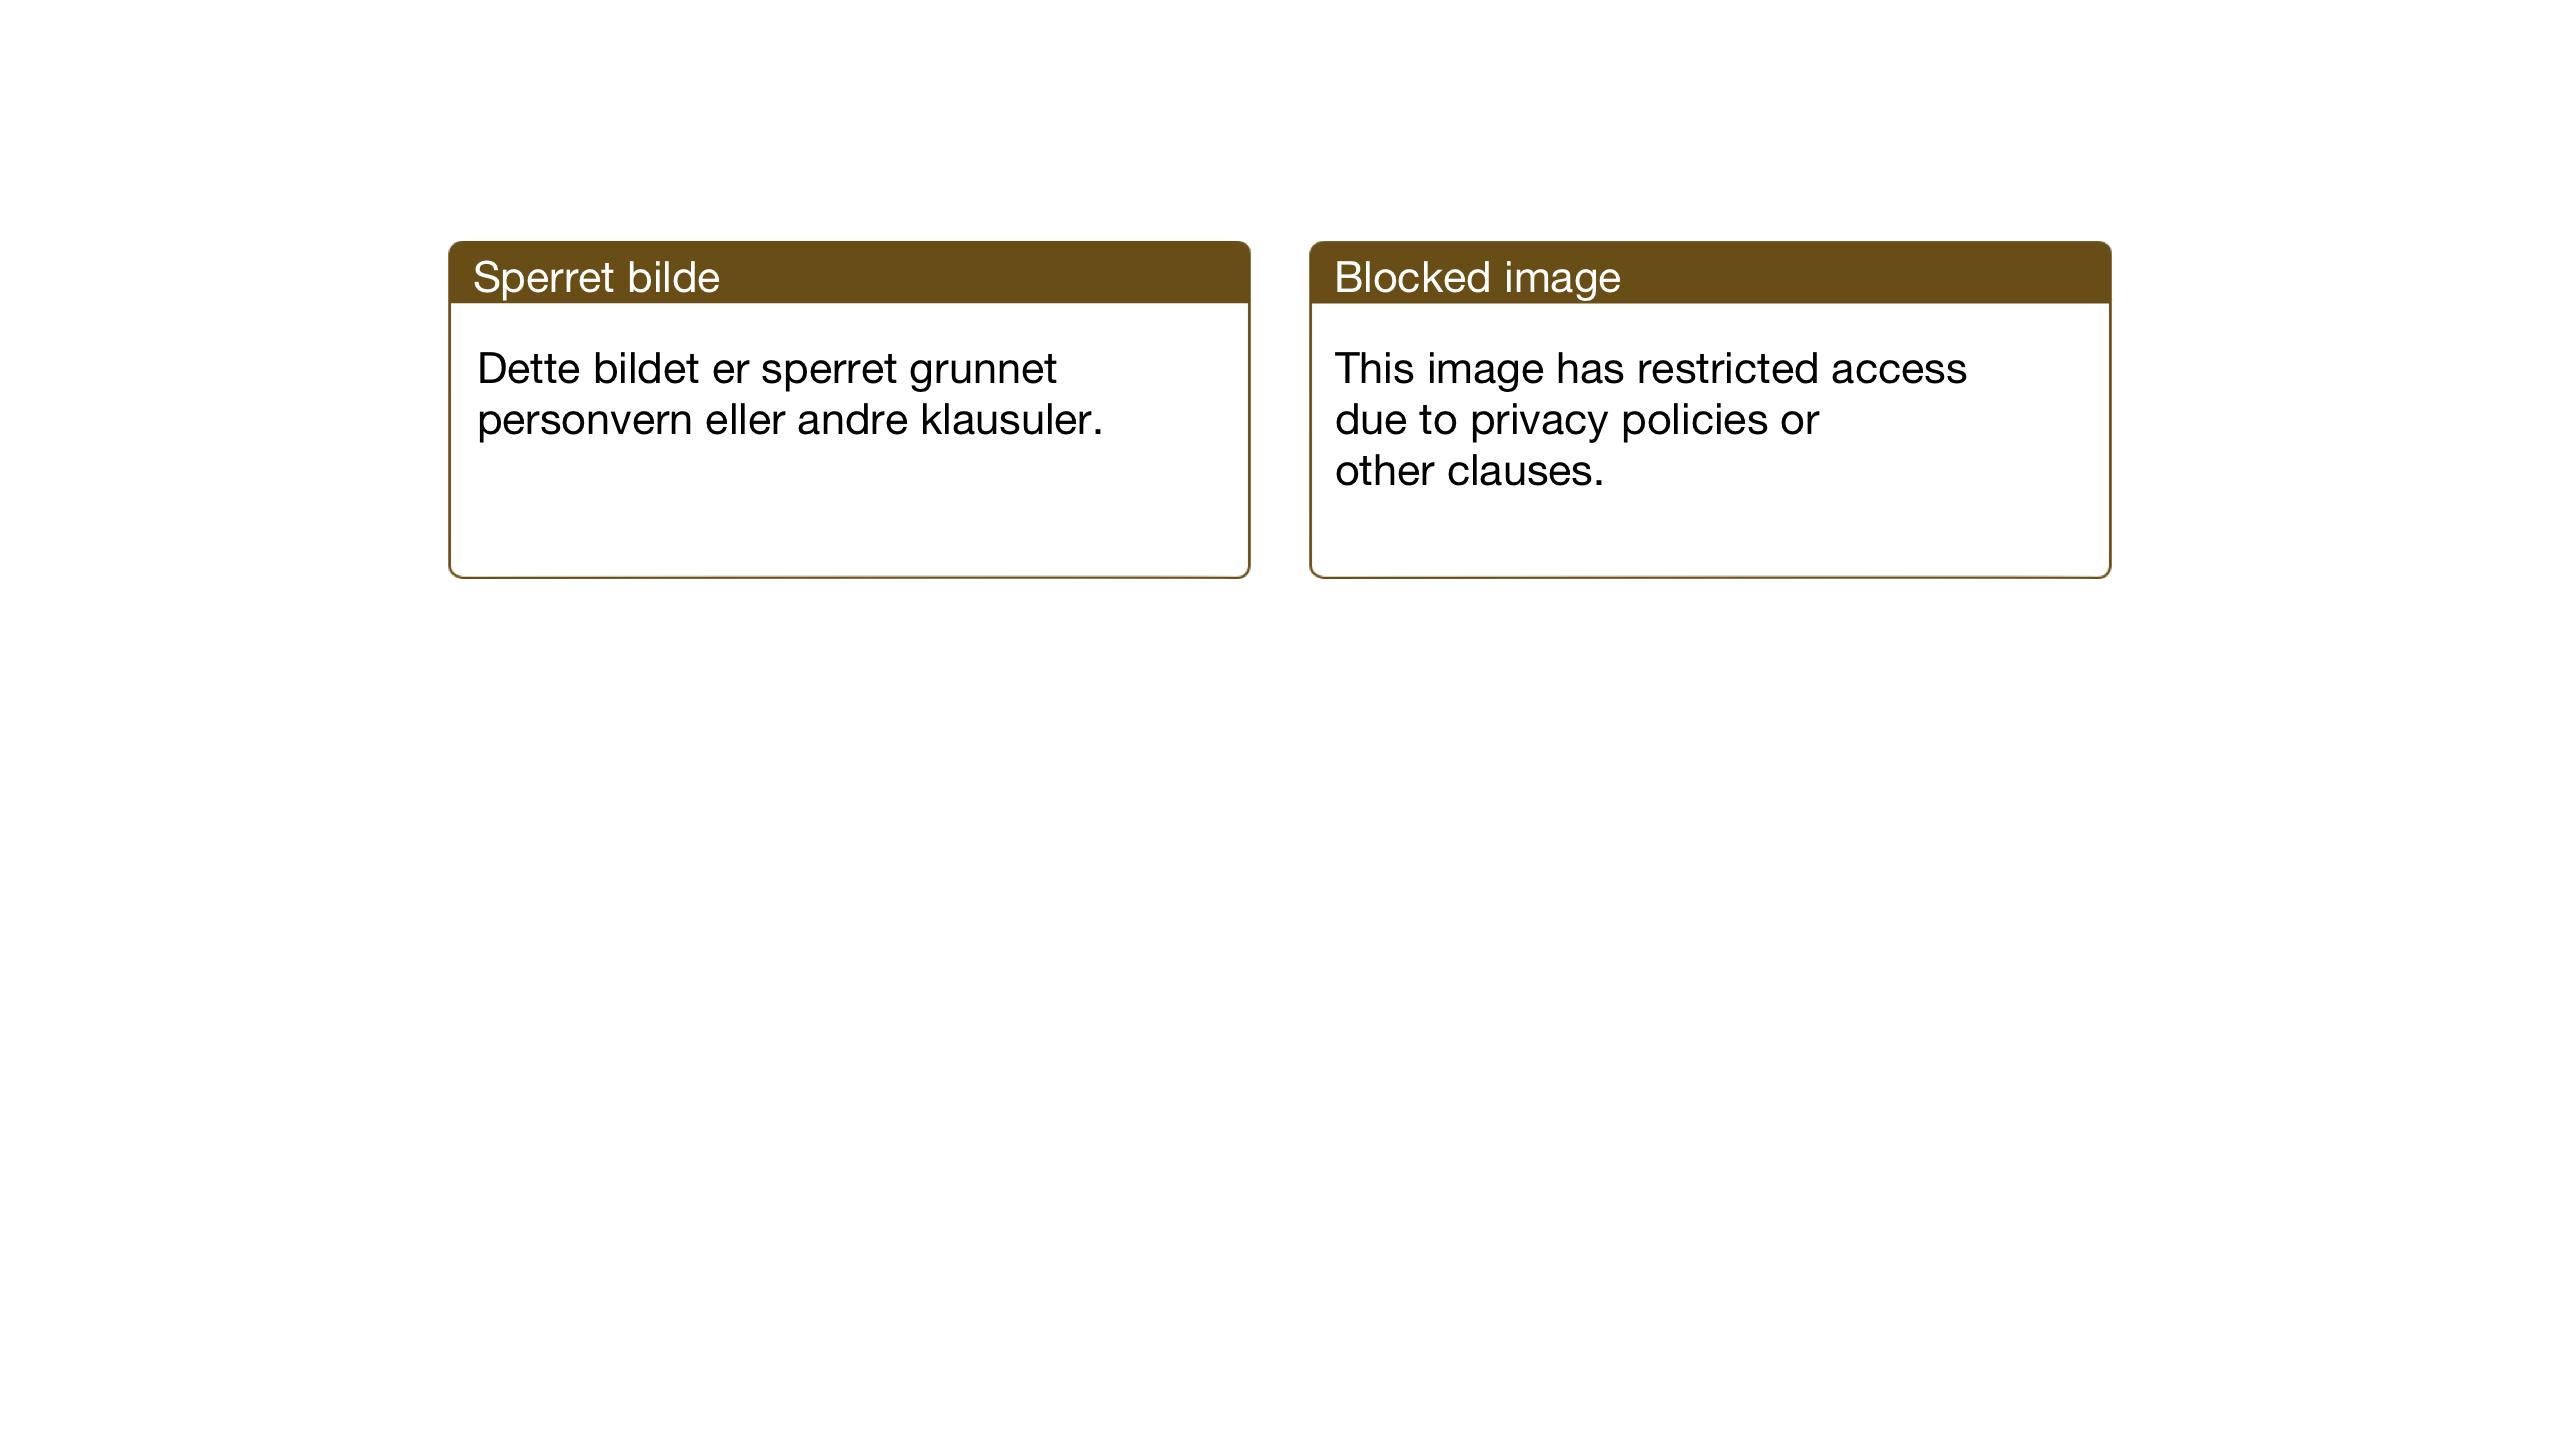 SAT, Ministerialprotokoller, klokkerbøker og fødselsregistre - Sør-Trøndelag, 605/L0259: Klokkerbok nr. 605C06, 1920-1937, s. 291